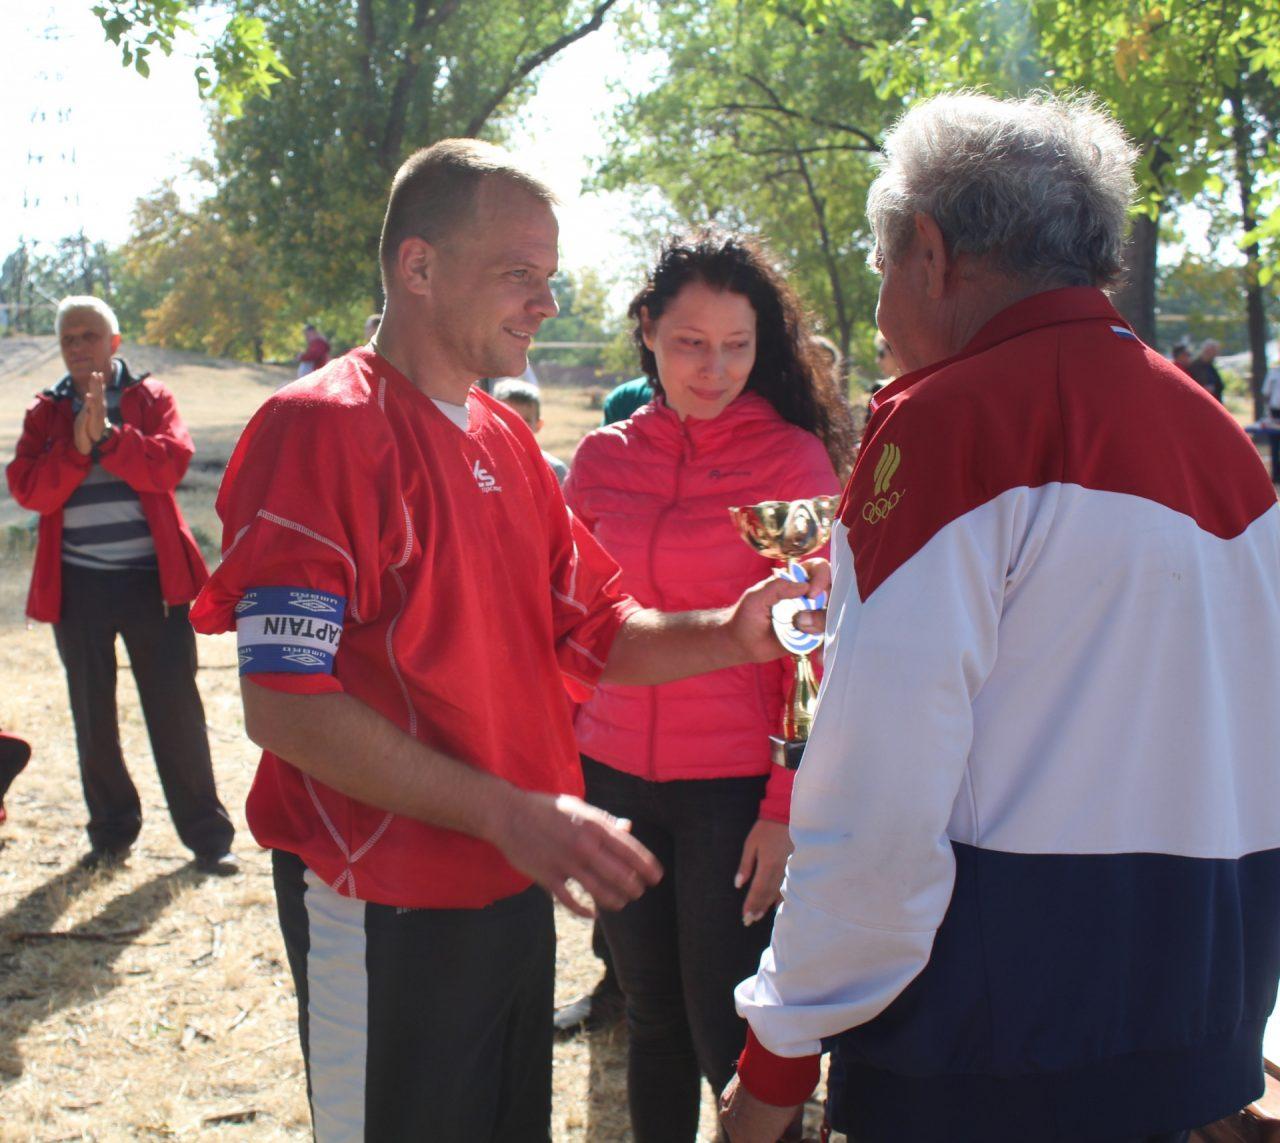 prazdnik-futbola-im-AK-Karceva-106